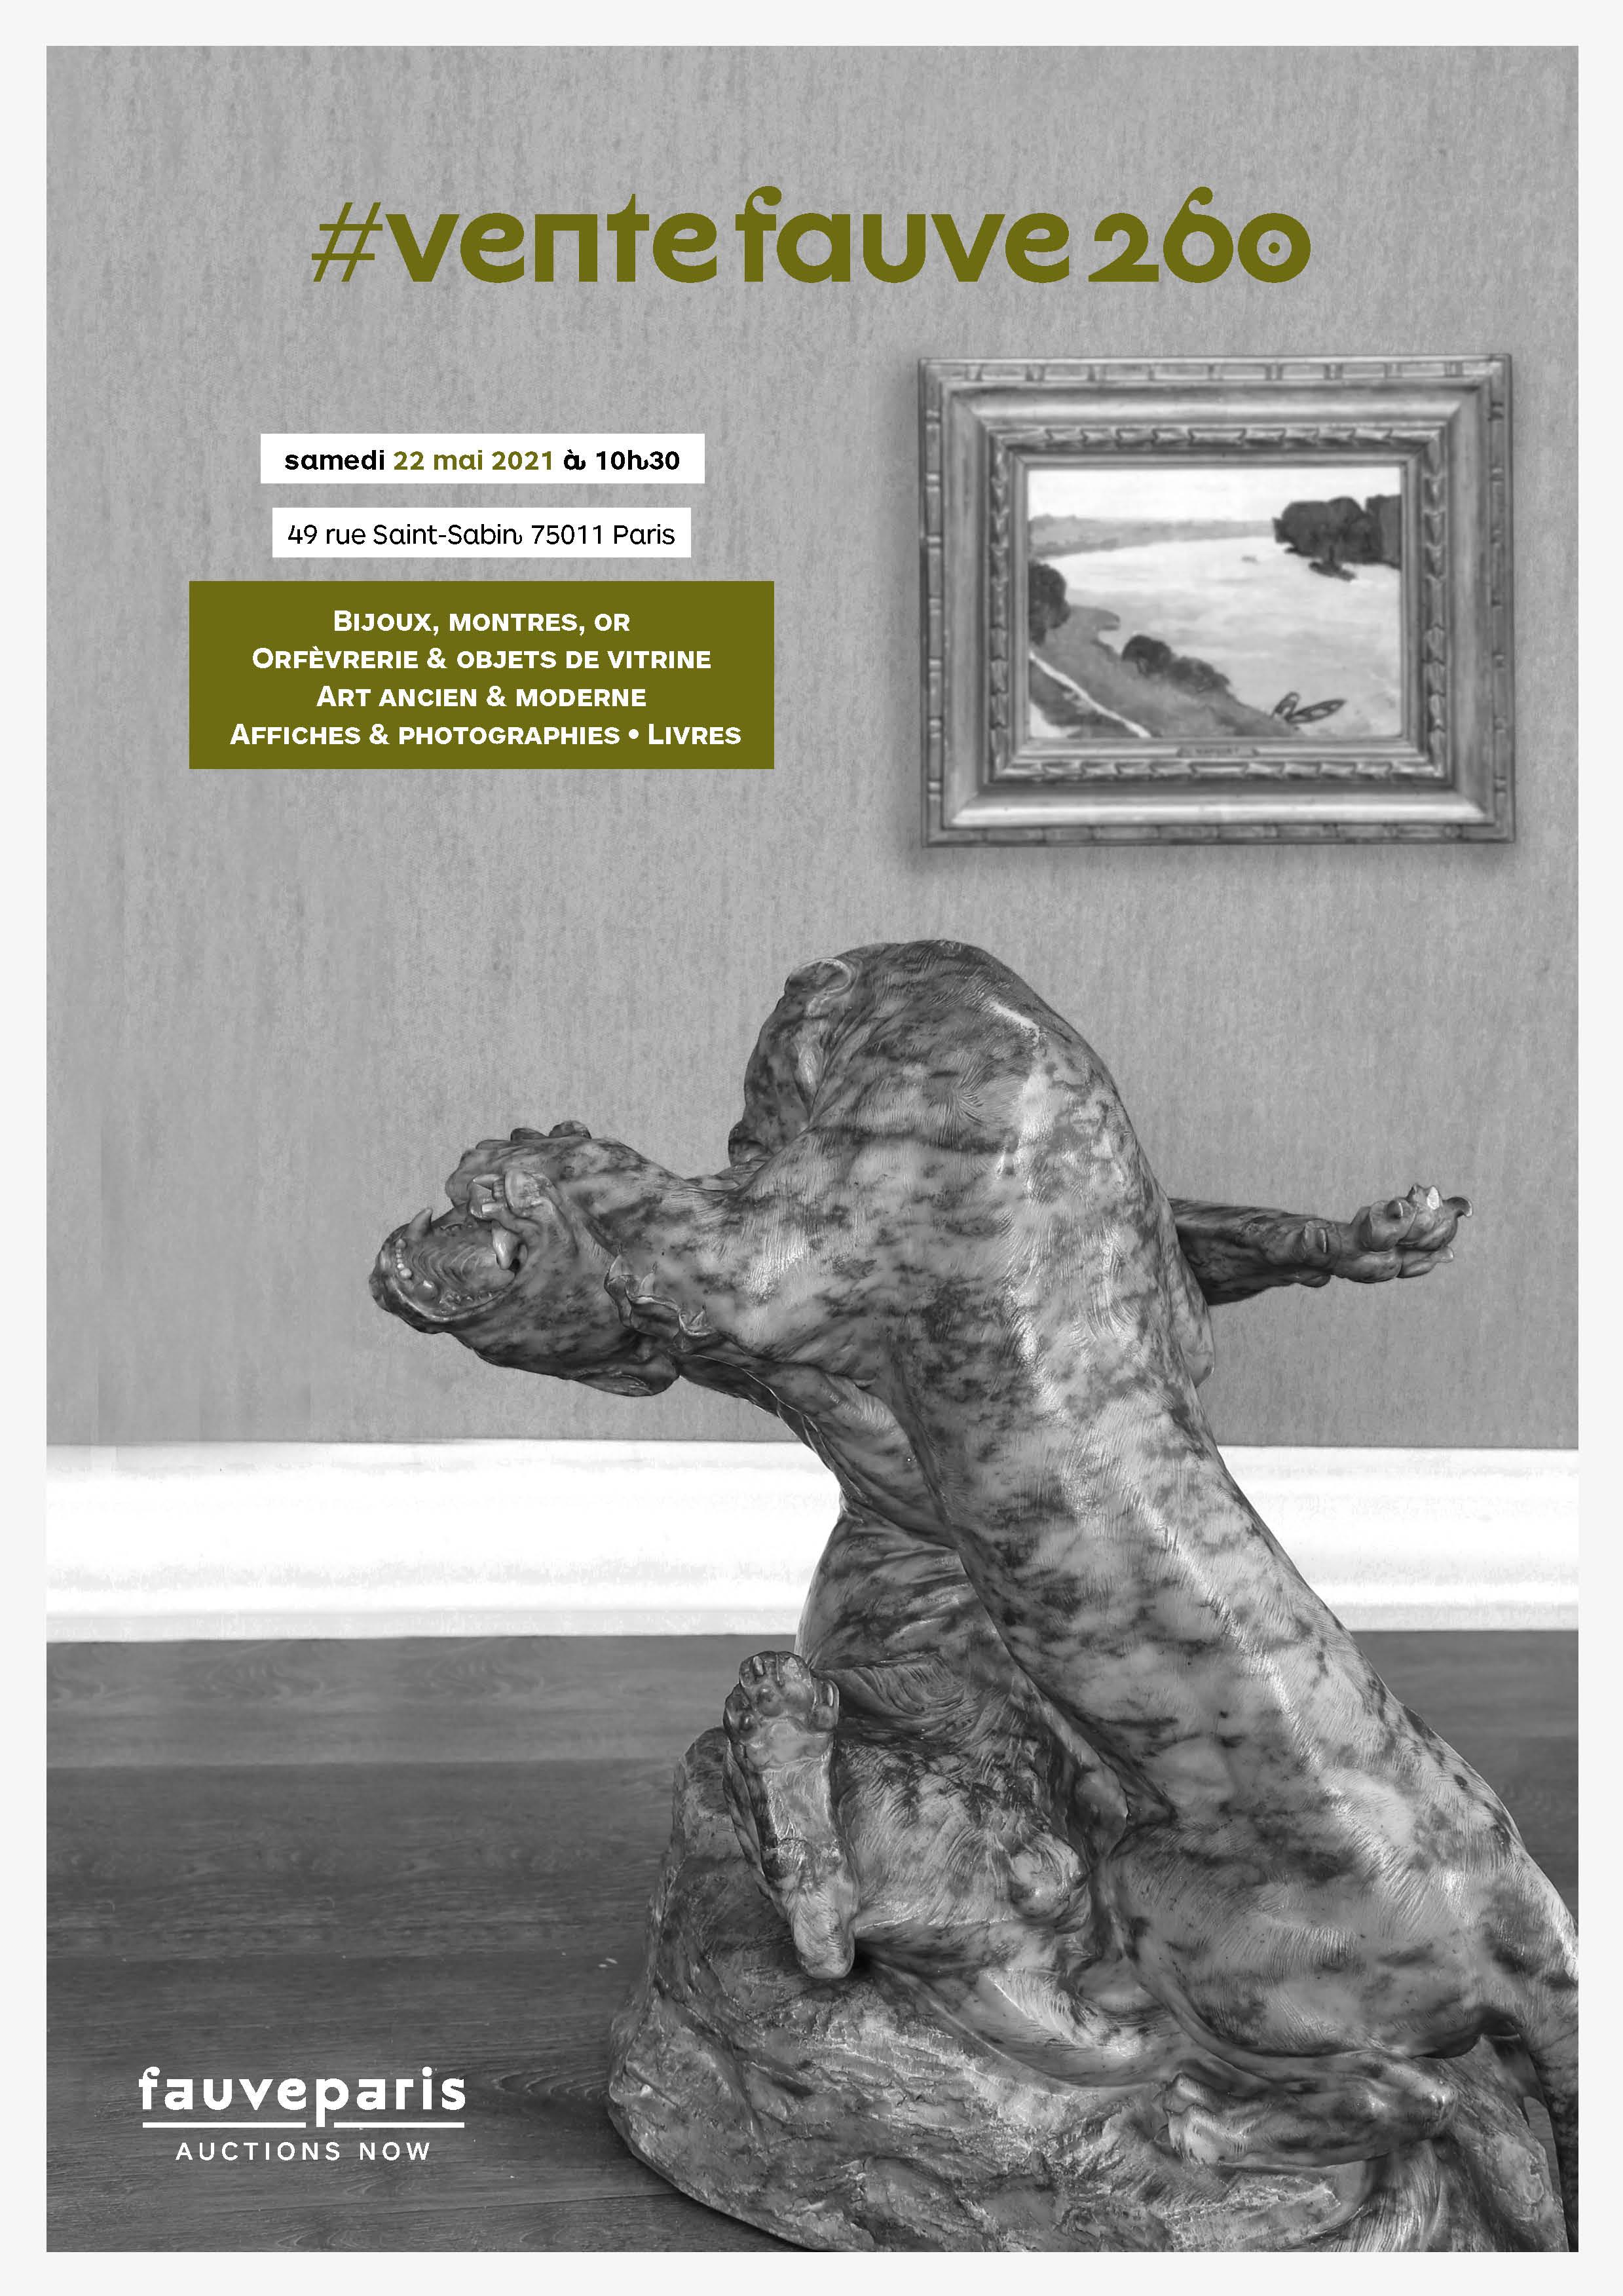 Auction Bijoux, Montres, Or, Mode, maroquinerie, Orfèvrerie & Objets de vitrine, Livres anciens & BD, Vins & spiritueux at FauveParis : 86 lots